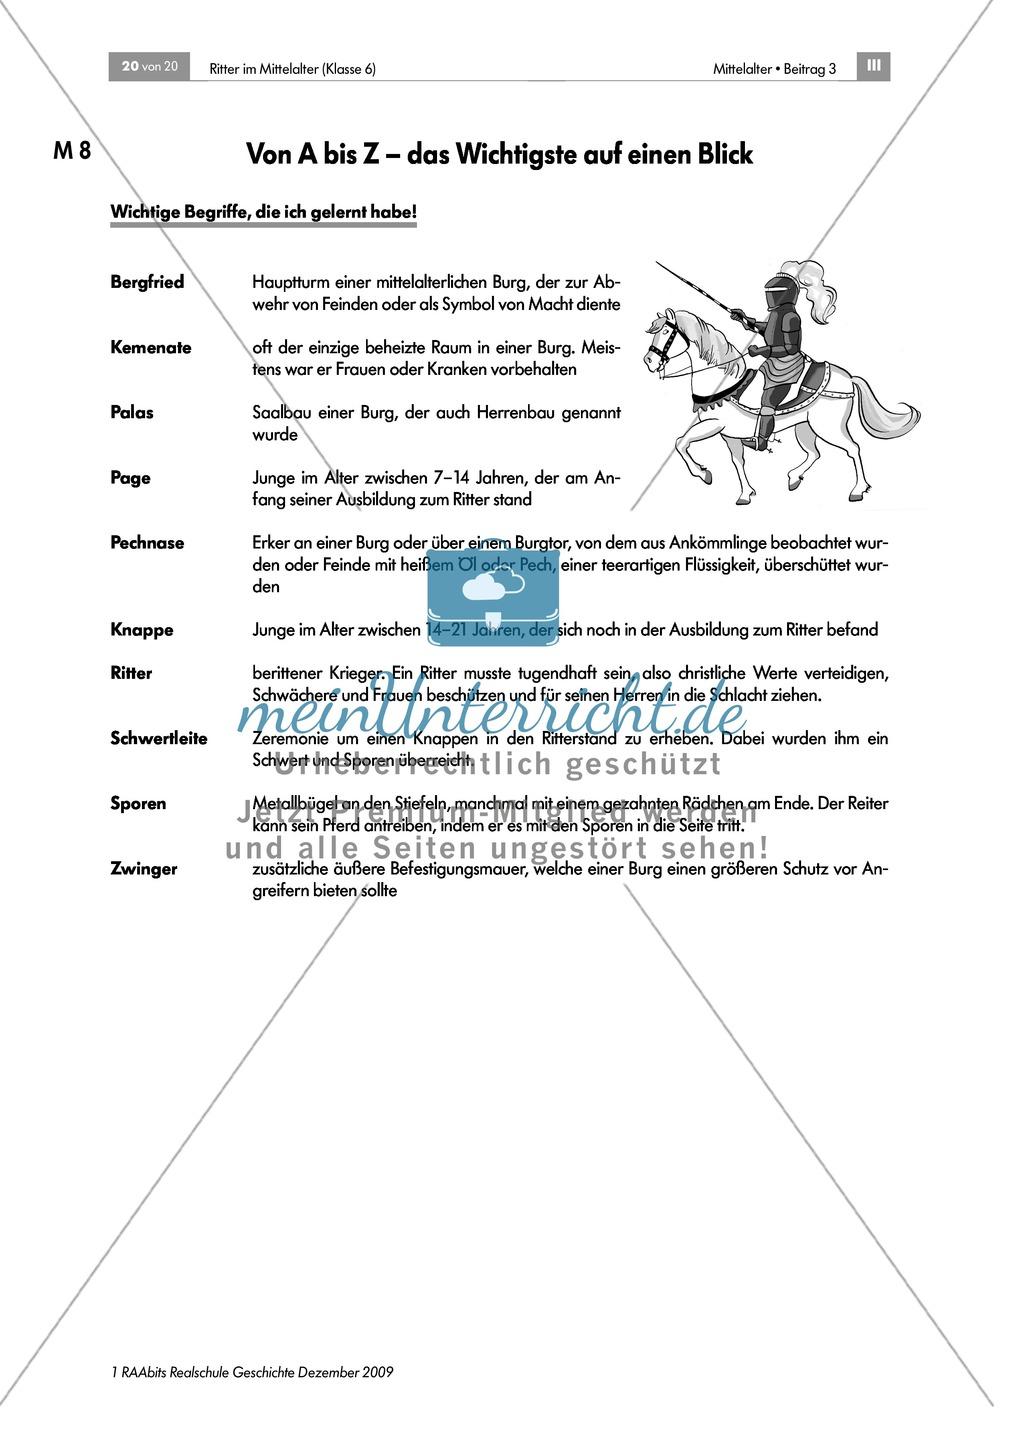 Das Leben der Ritter im Mittelalter: Lernerfolgskontrolle zum Thema Ritter im Mittelalter Preview 2